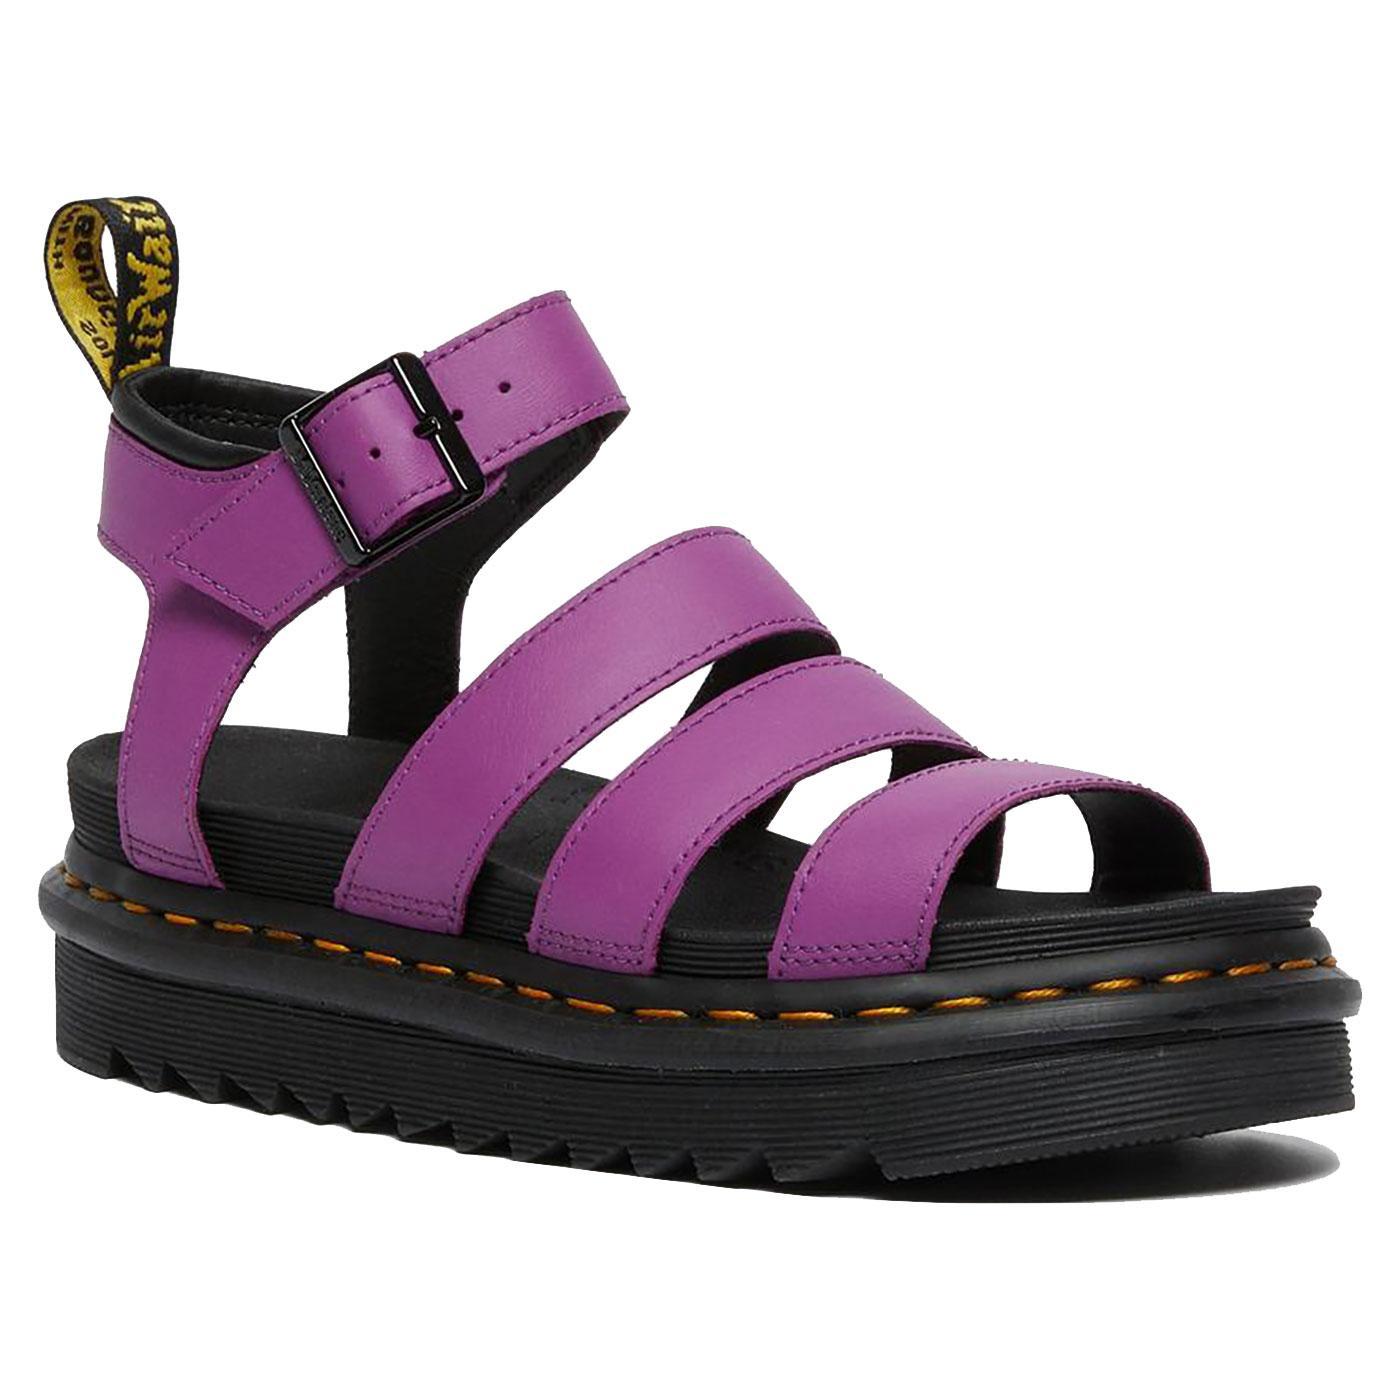 Blaire DR MARTENS Womens Retro Leather Sandals BP